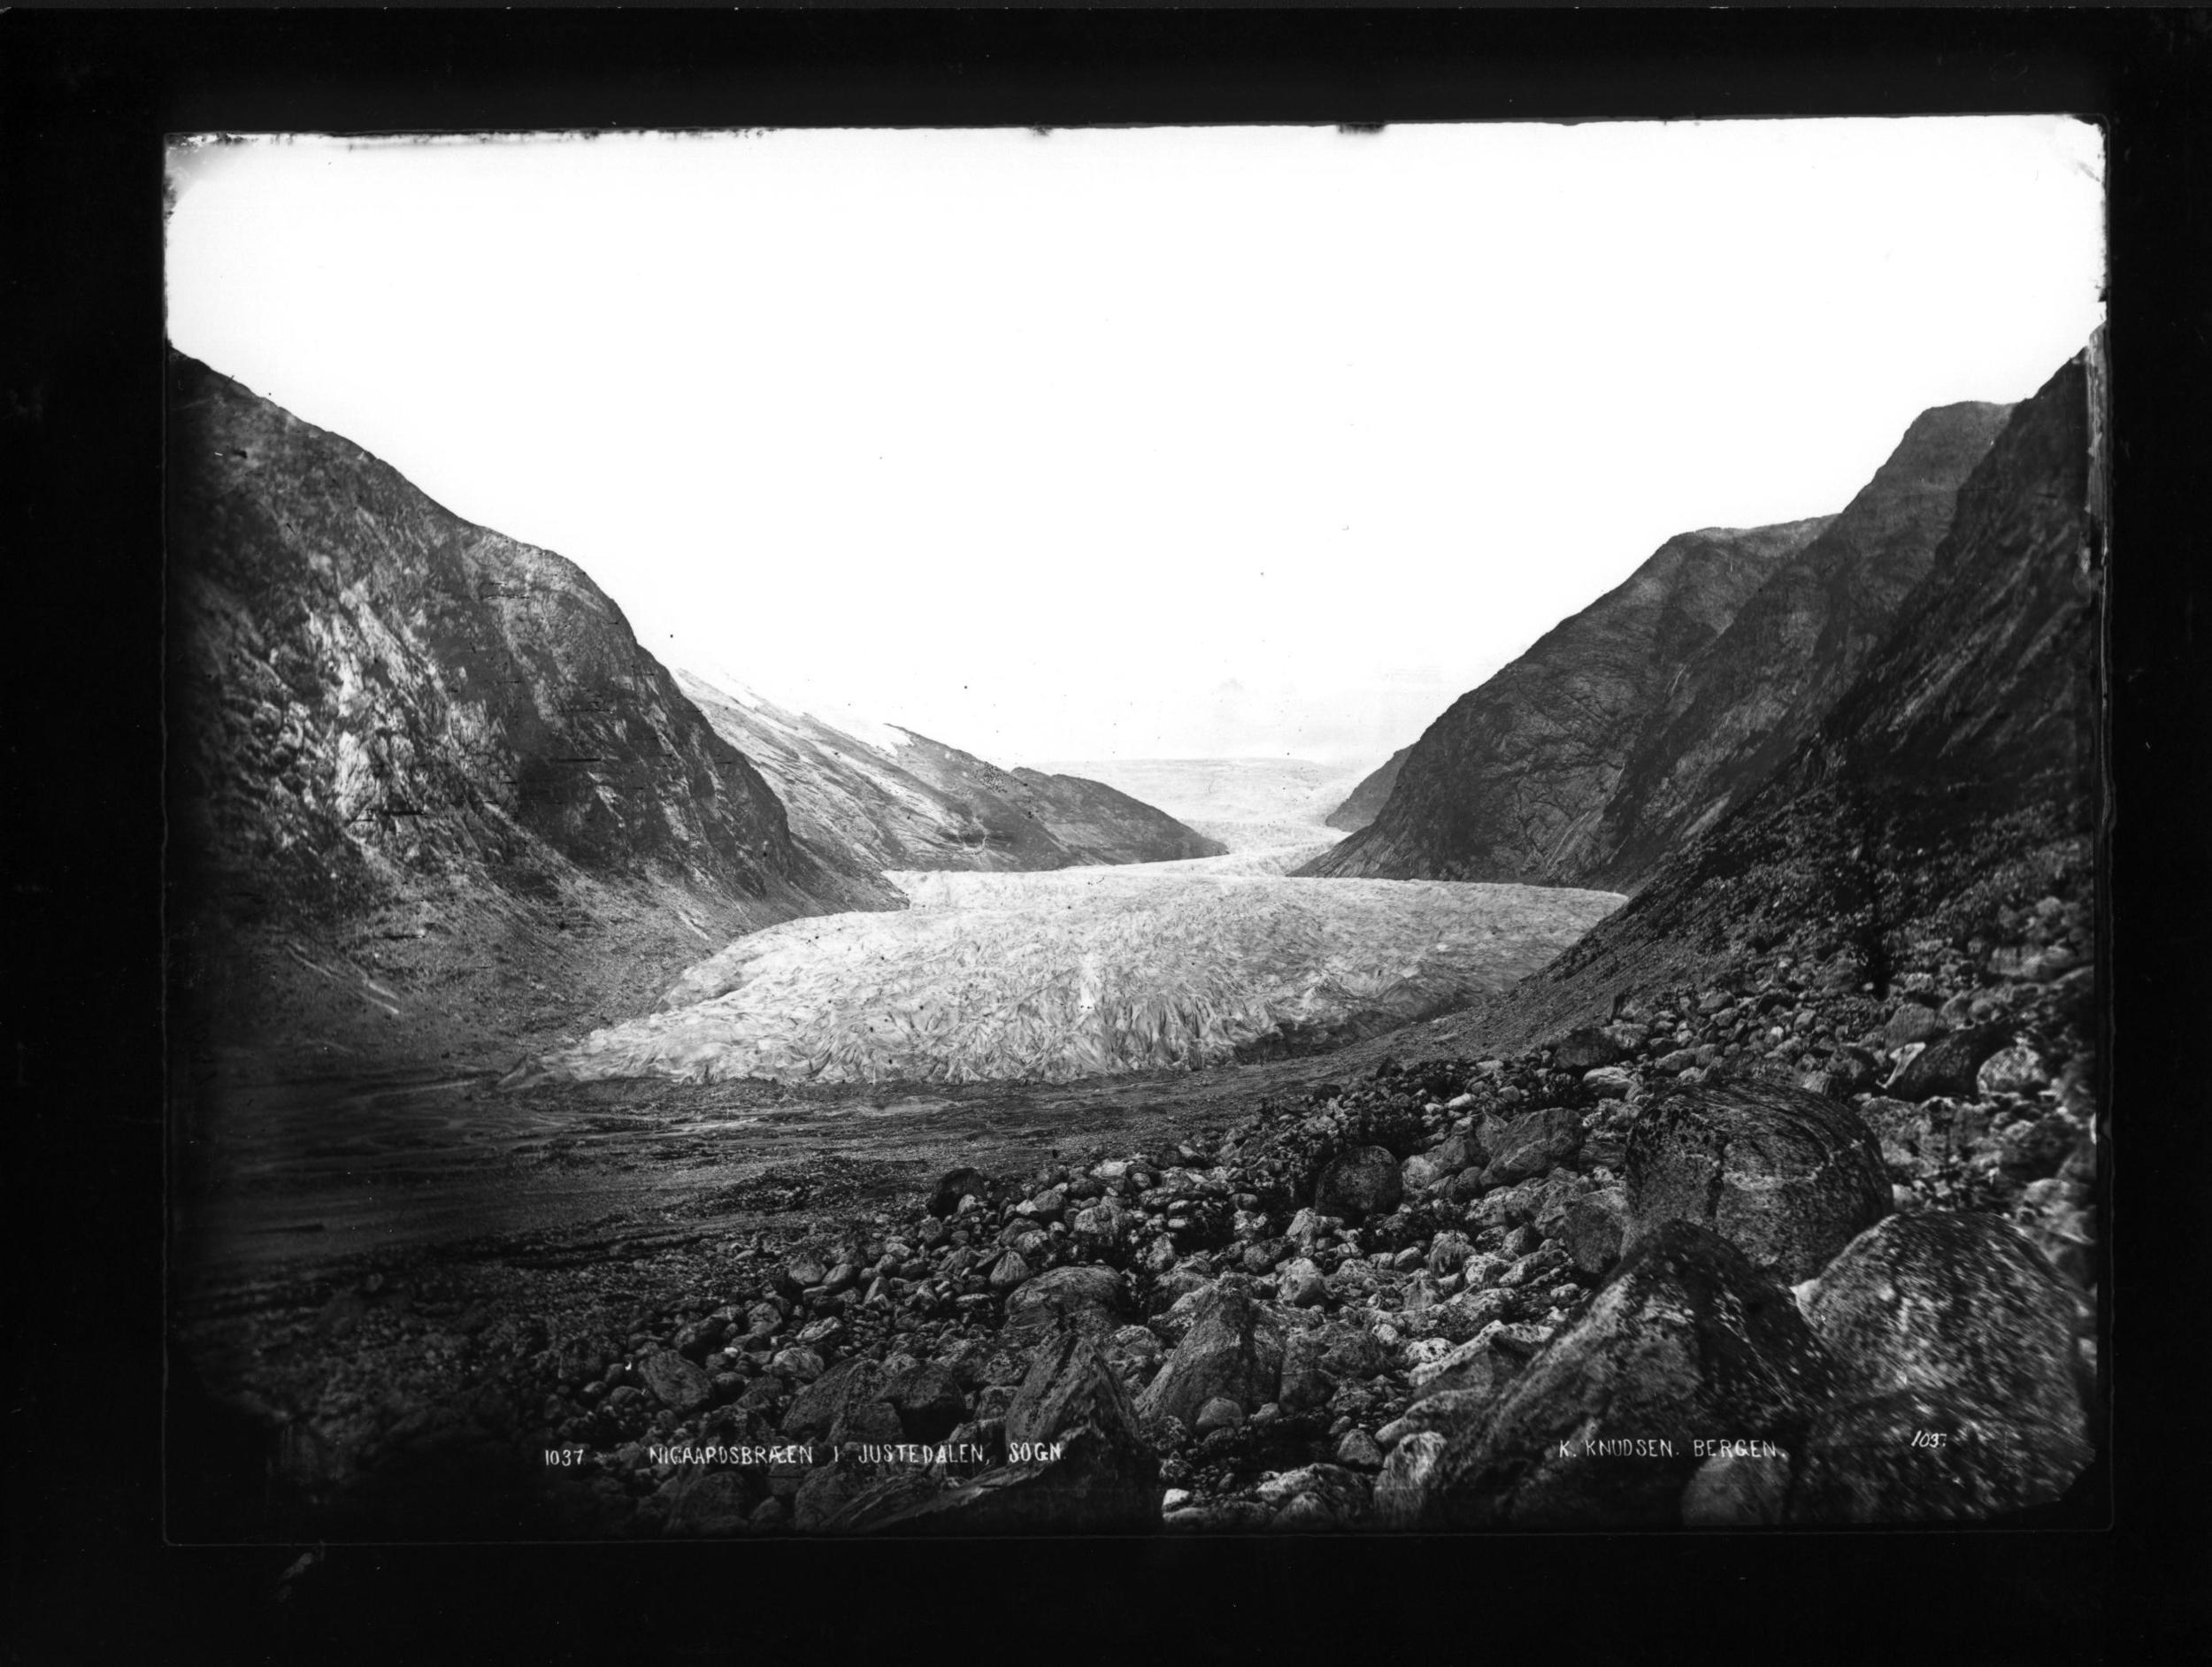 Nigardsbreen 1872